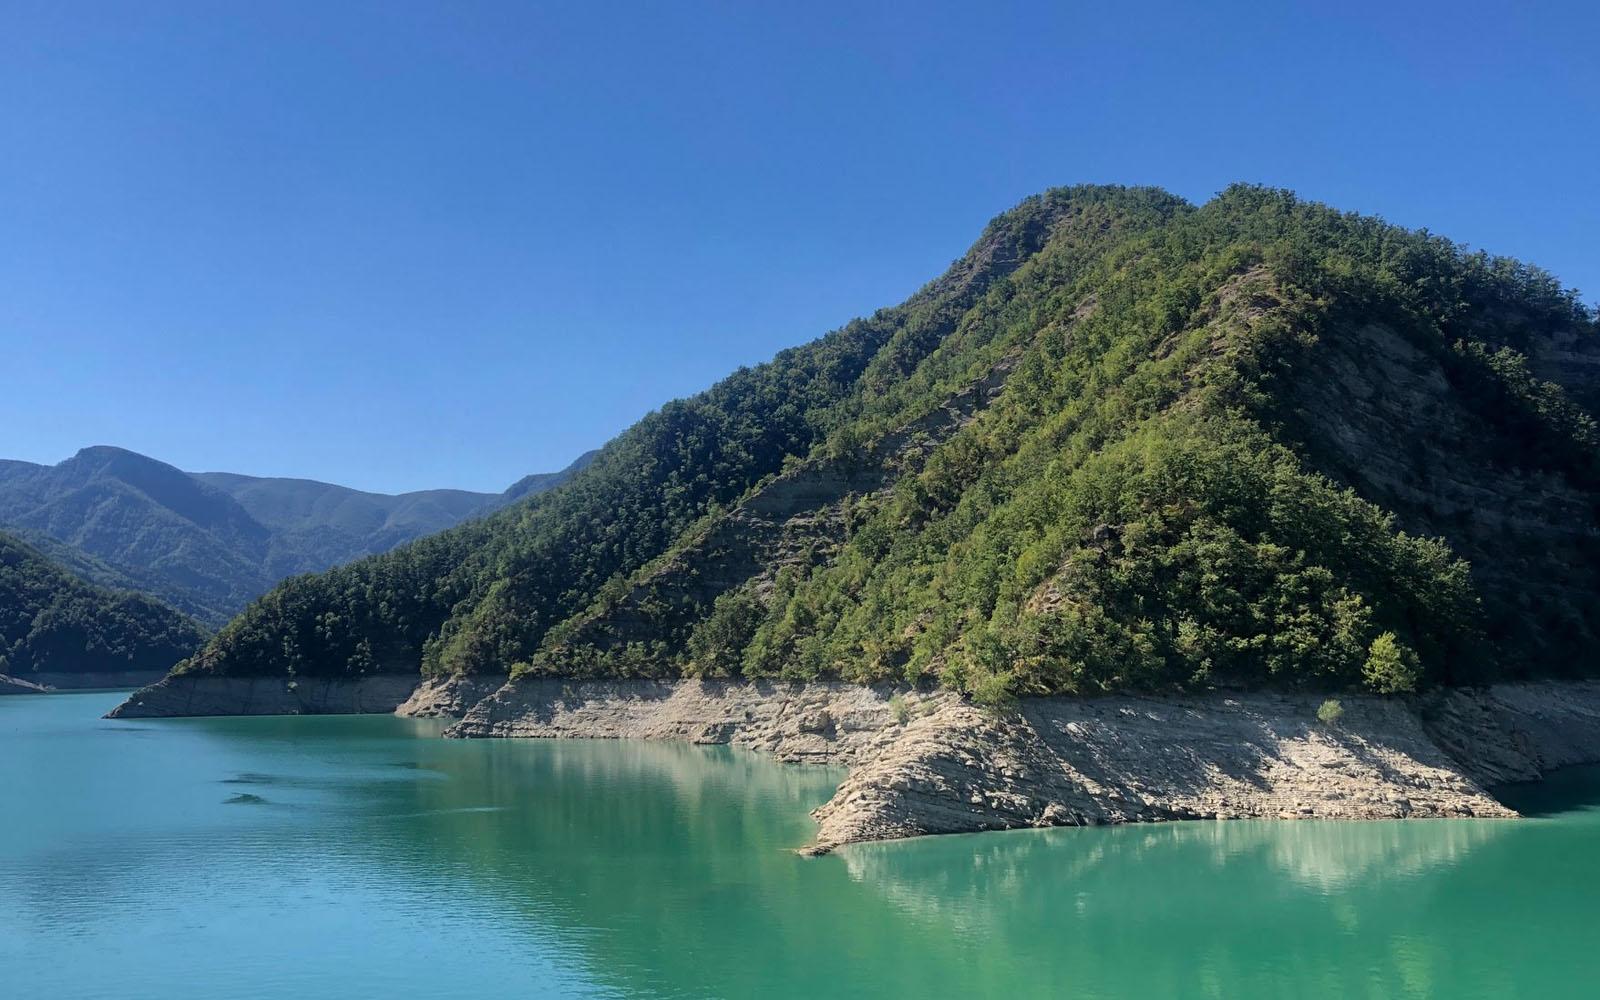 Panorama dalla diga di Ridracoli nelle Foreste Casentinesi. © oltreilbalcone